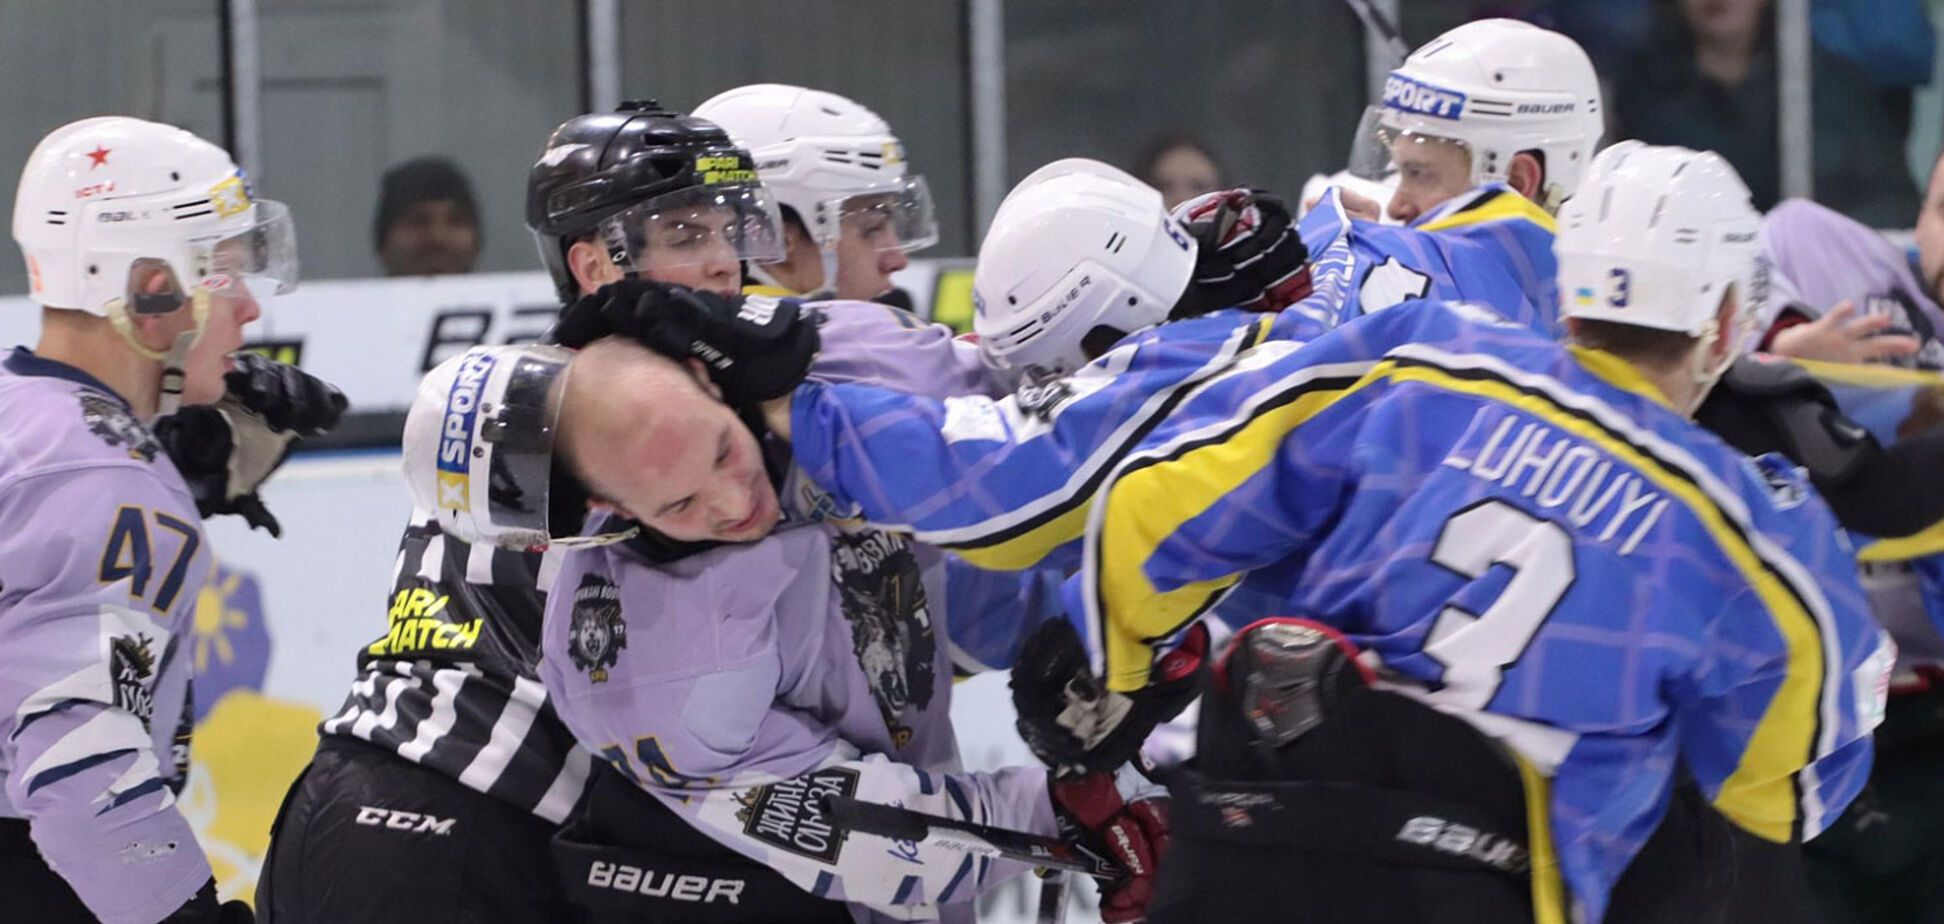 Спровоцировал президент: украинские хоккеисты устроили жестокое побоище